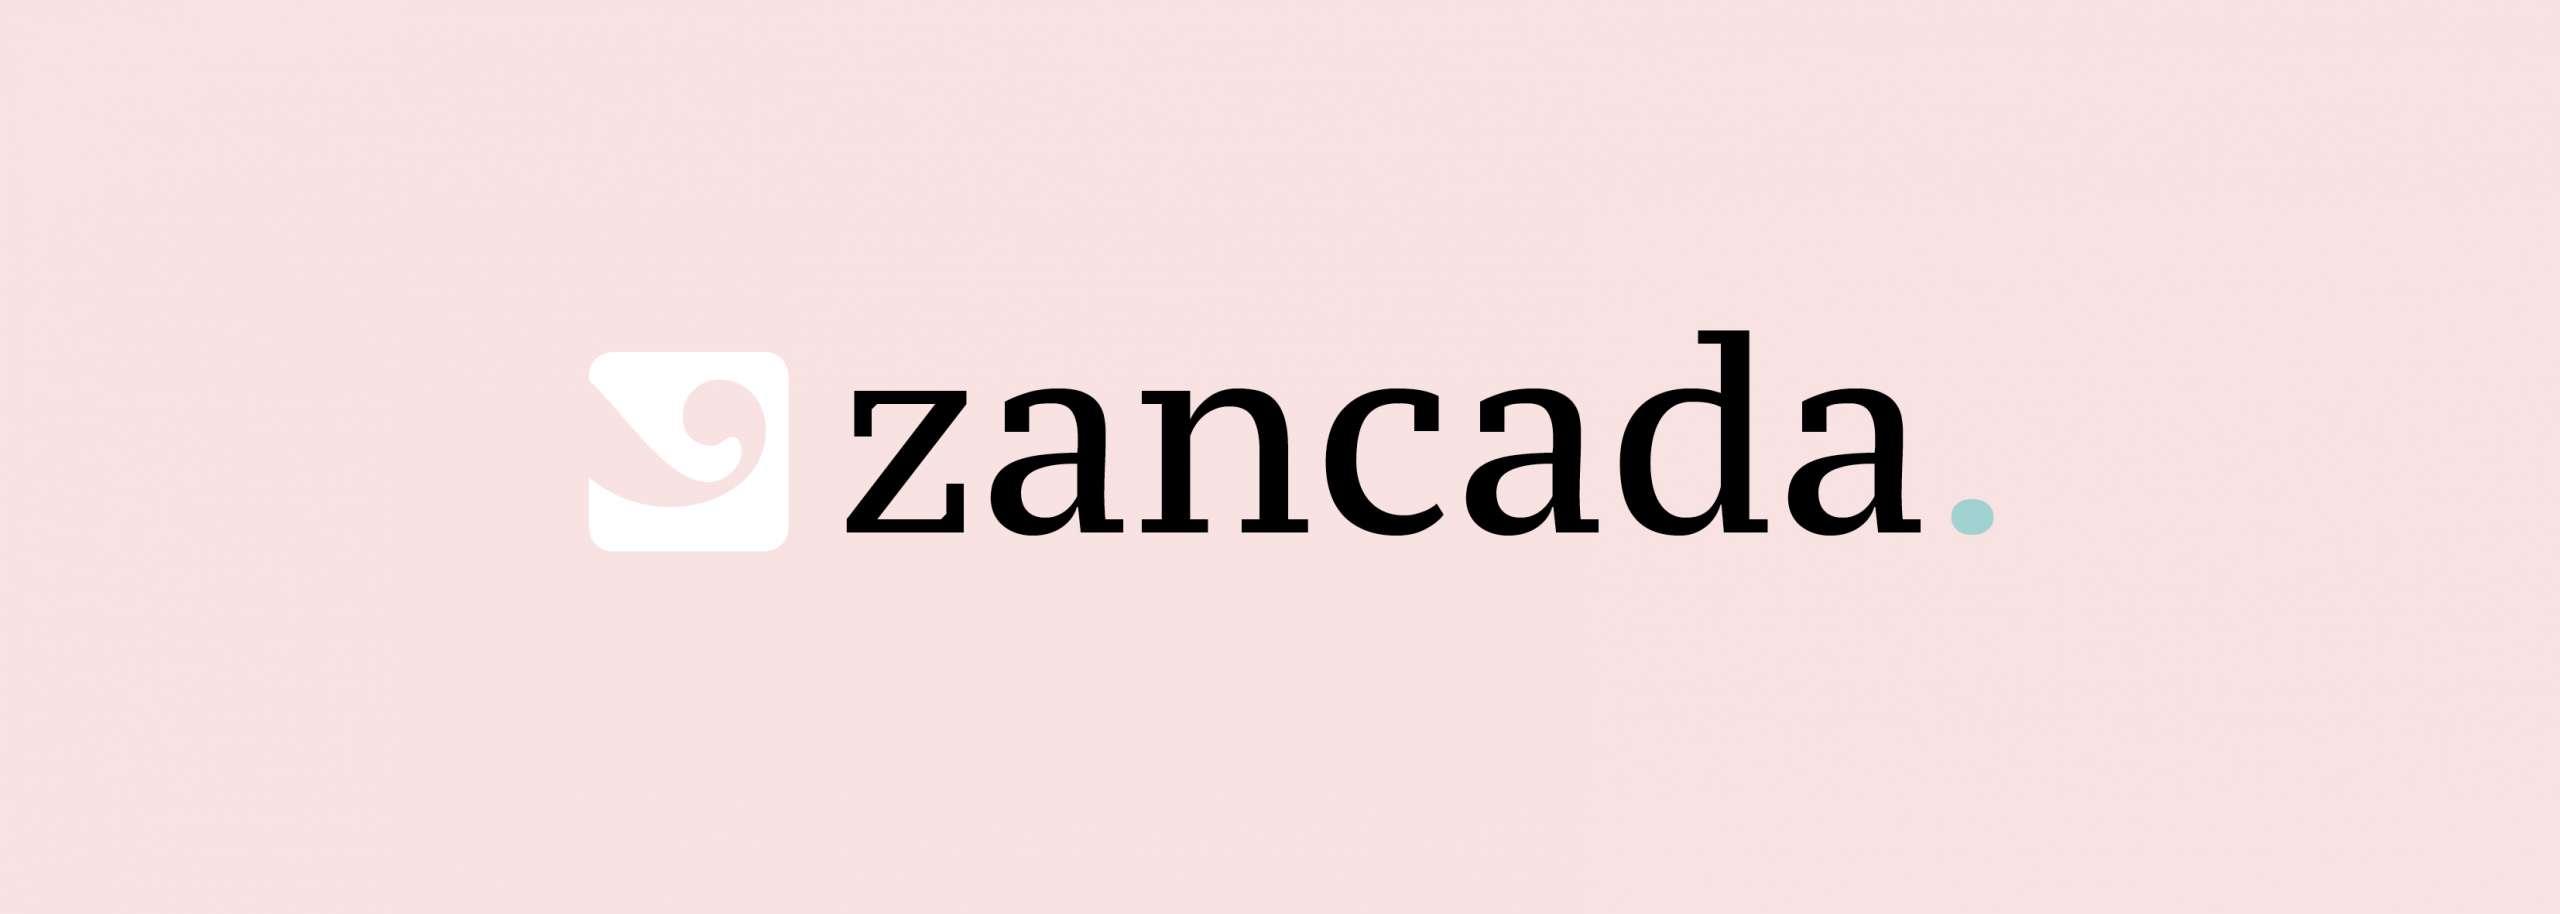 Sobre Zancada 1